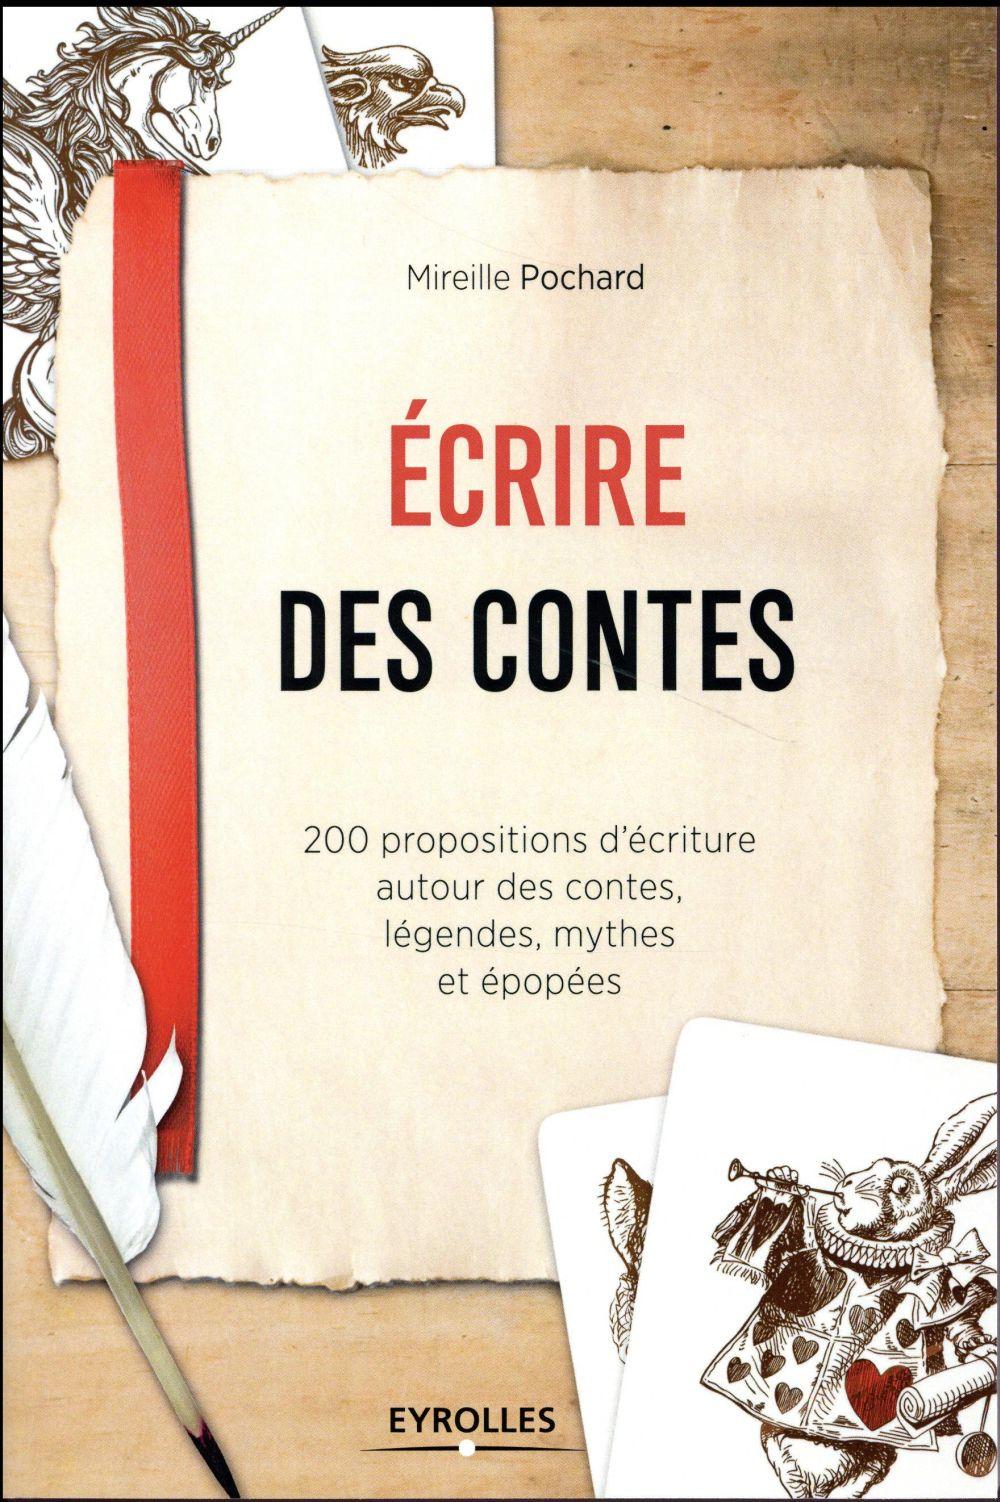 Ecrire des contes ; 200 propositions d'écriture autour des contes, légendes, mythes et épopées